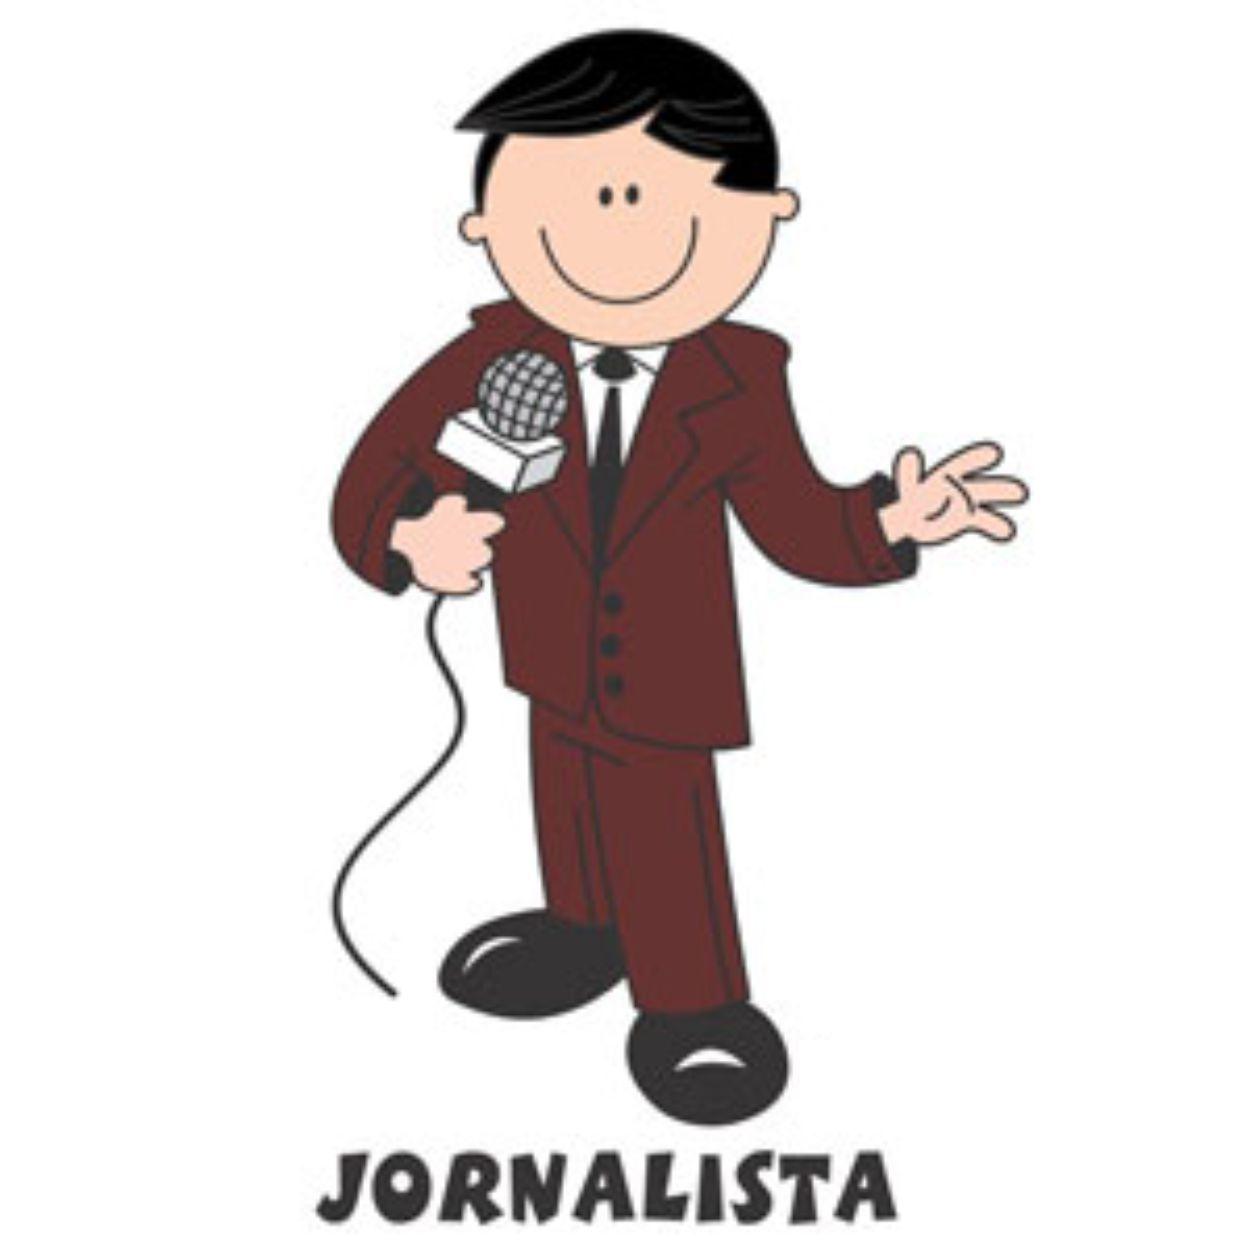 Decalque para Porcelana - Jornalista(o)